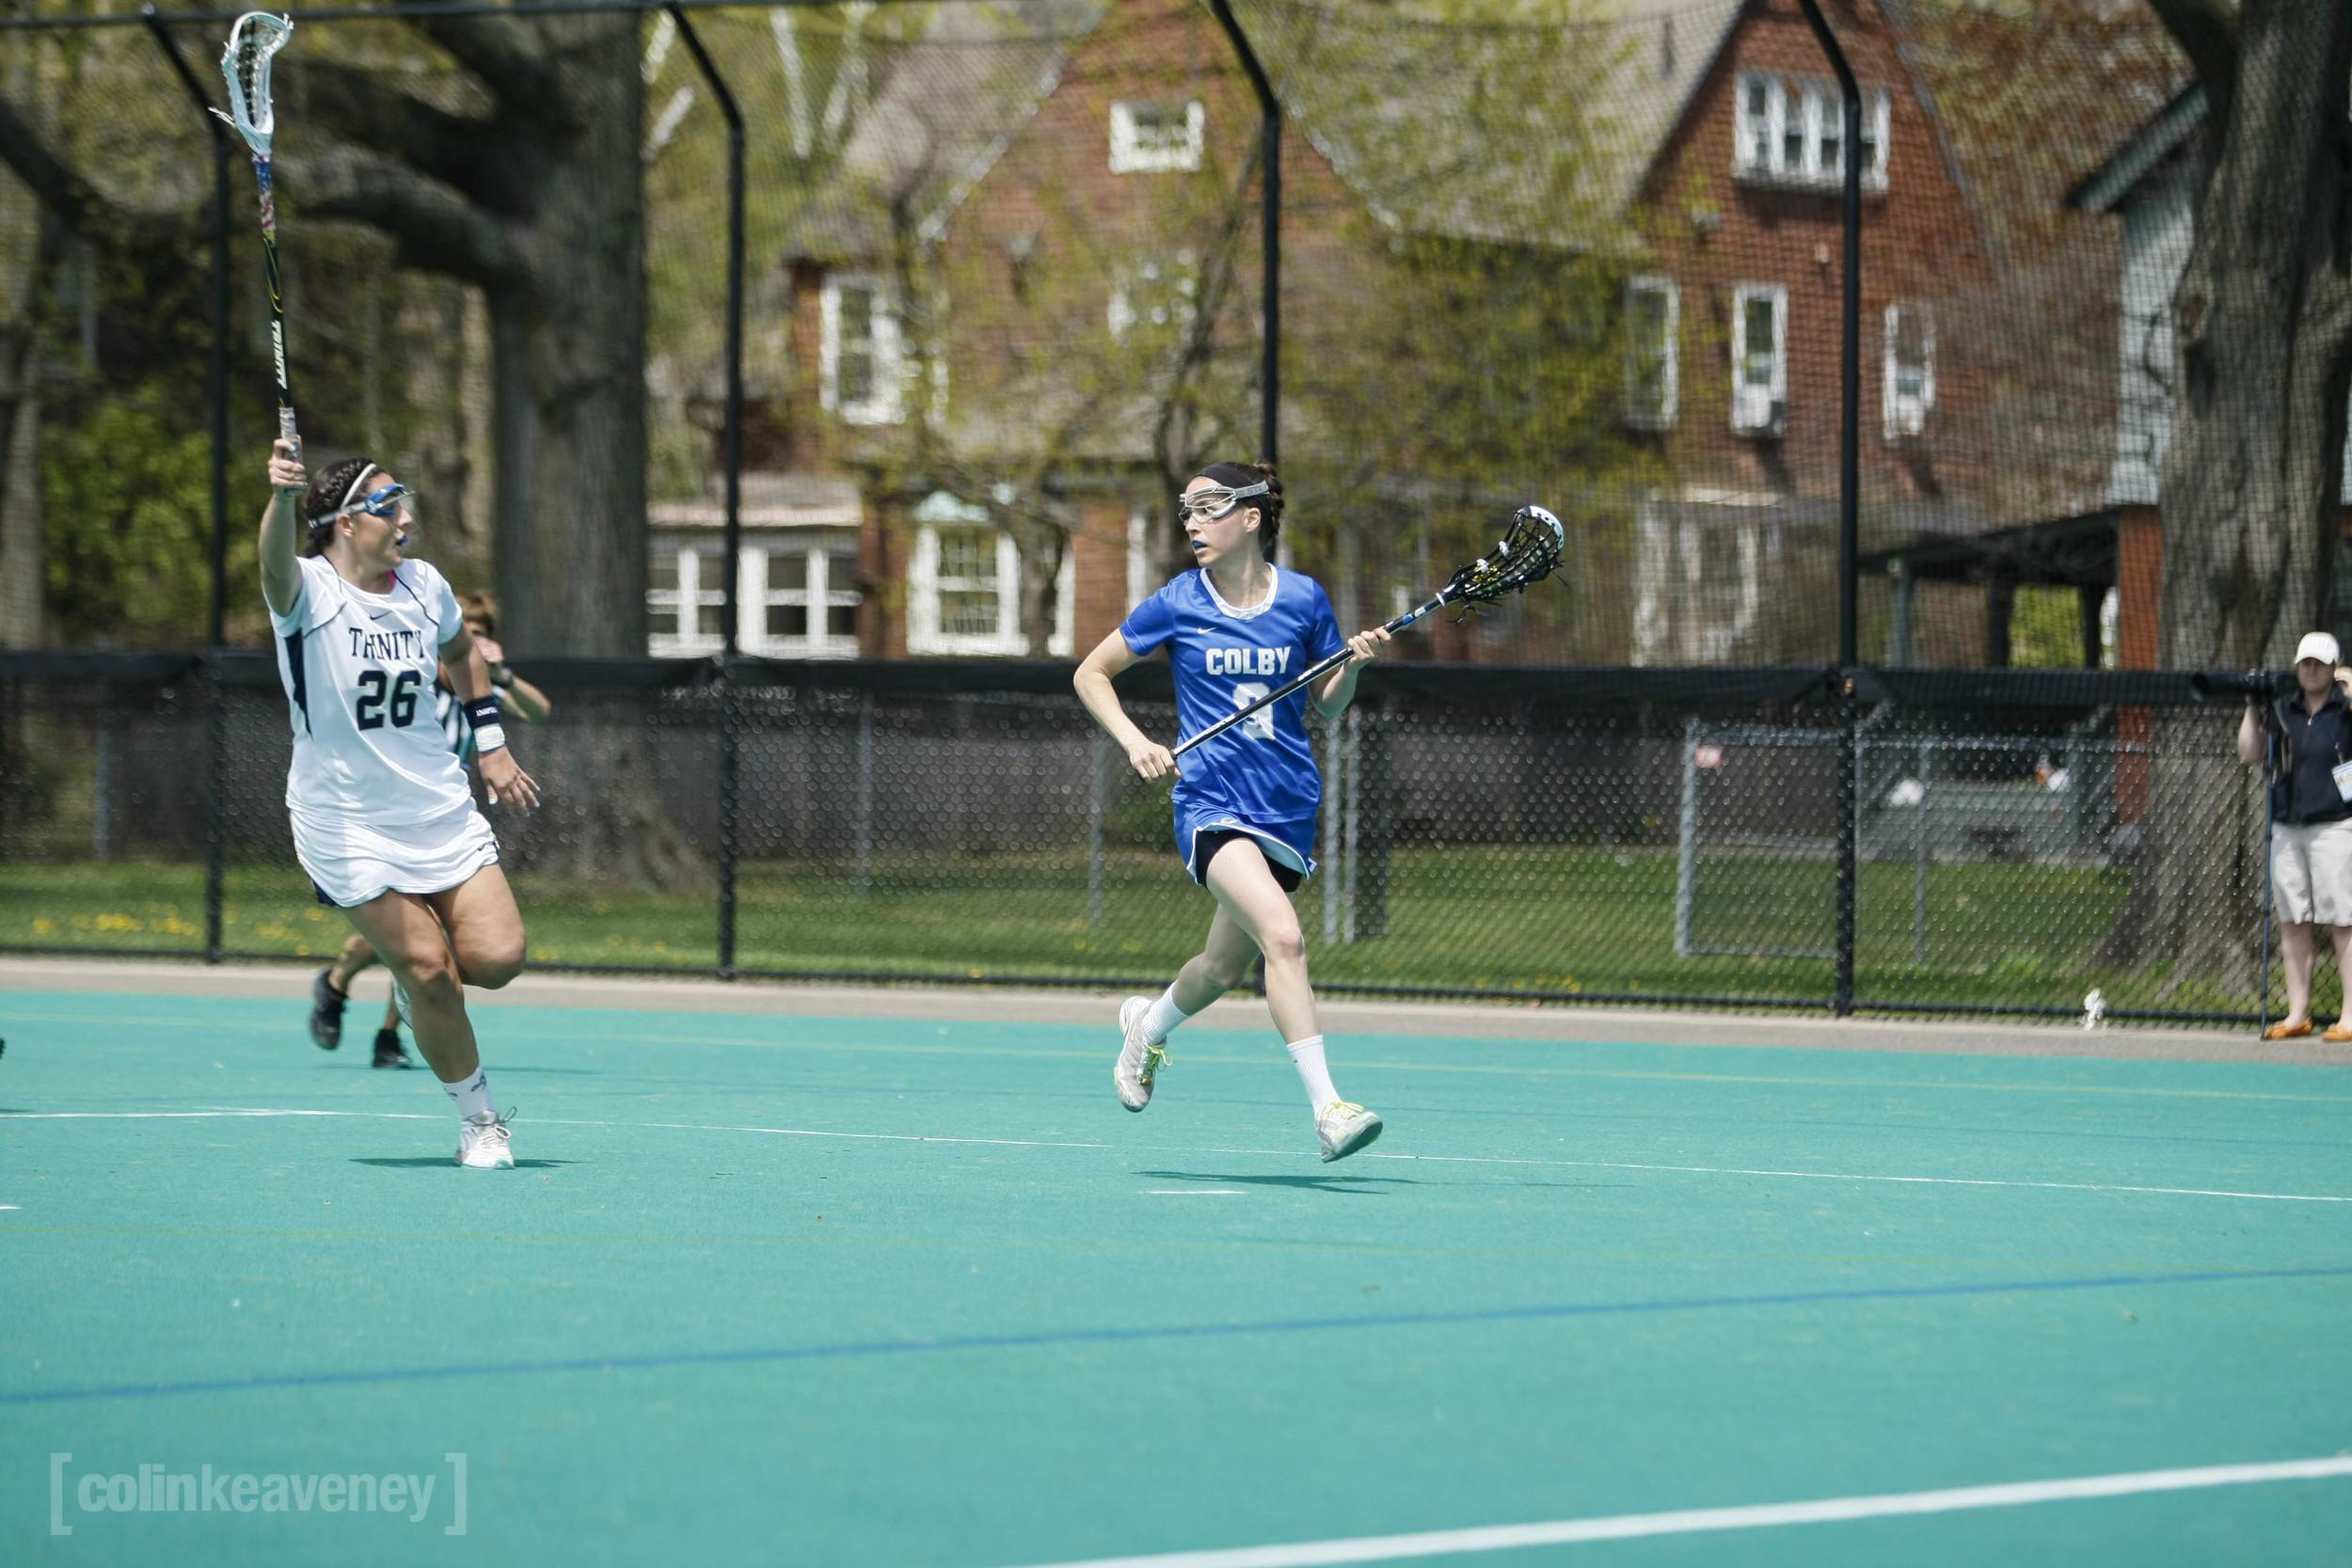 COLBY_lacrosse-19.jpg